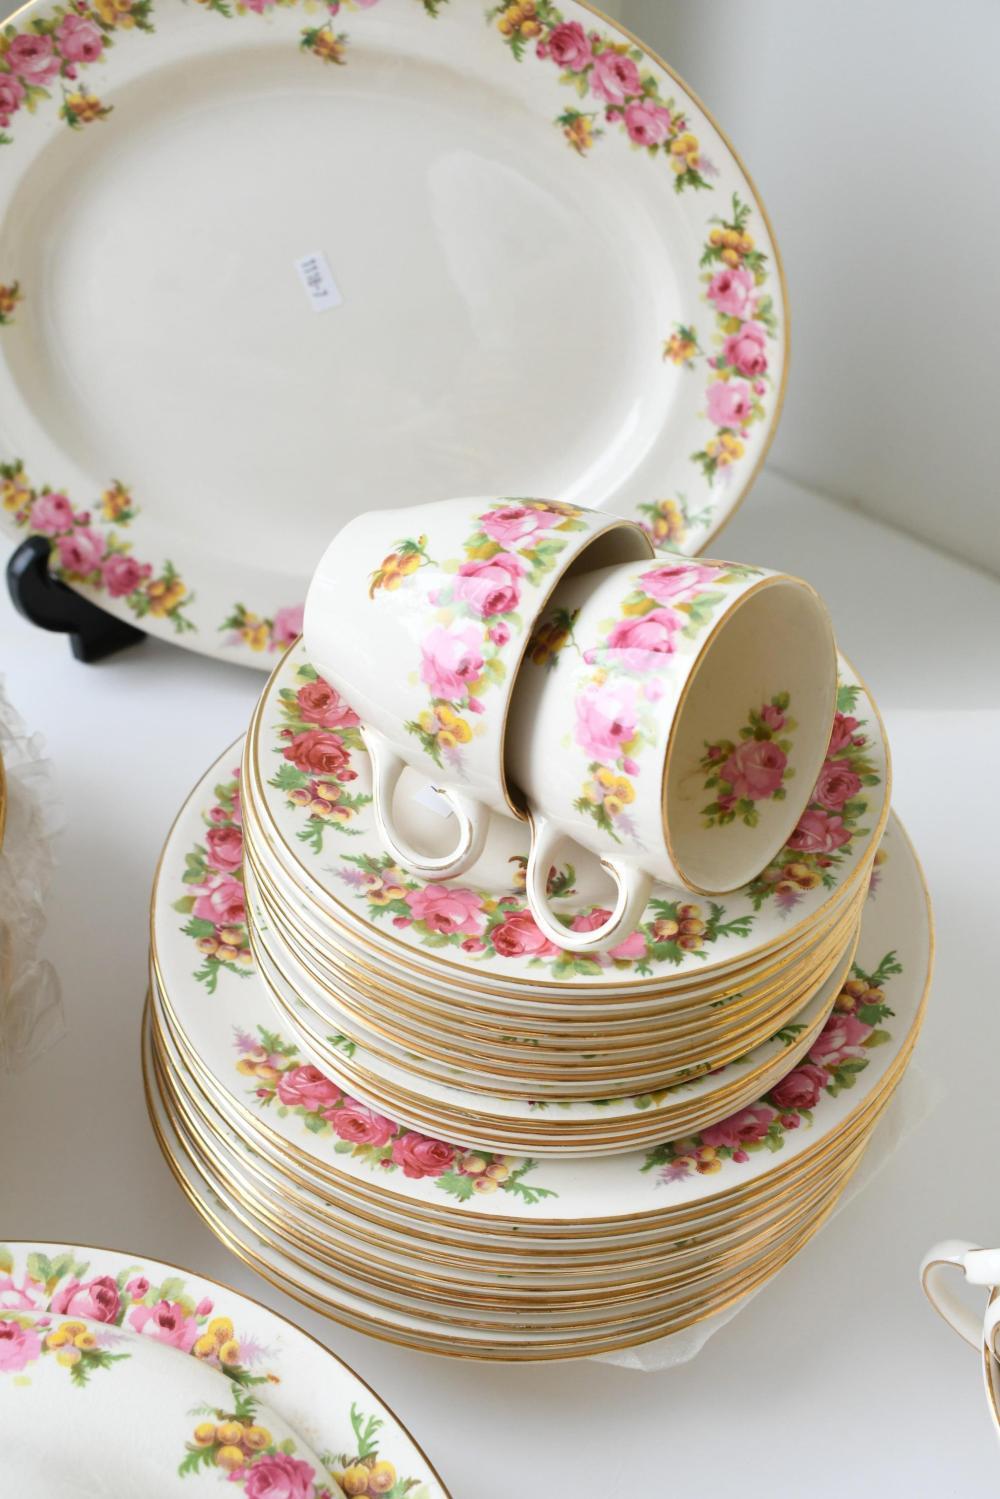 Royal Doulton 'Roses & Wattle' dinner set platter 32.70 x 26.50 cm. (12.87 x 10.43 in.)